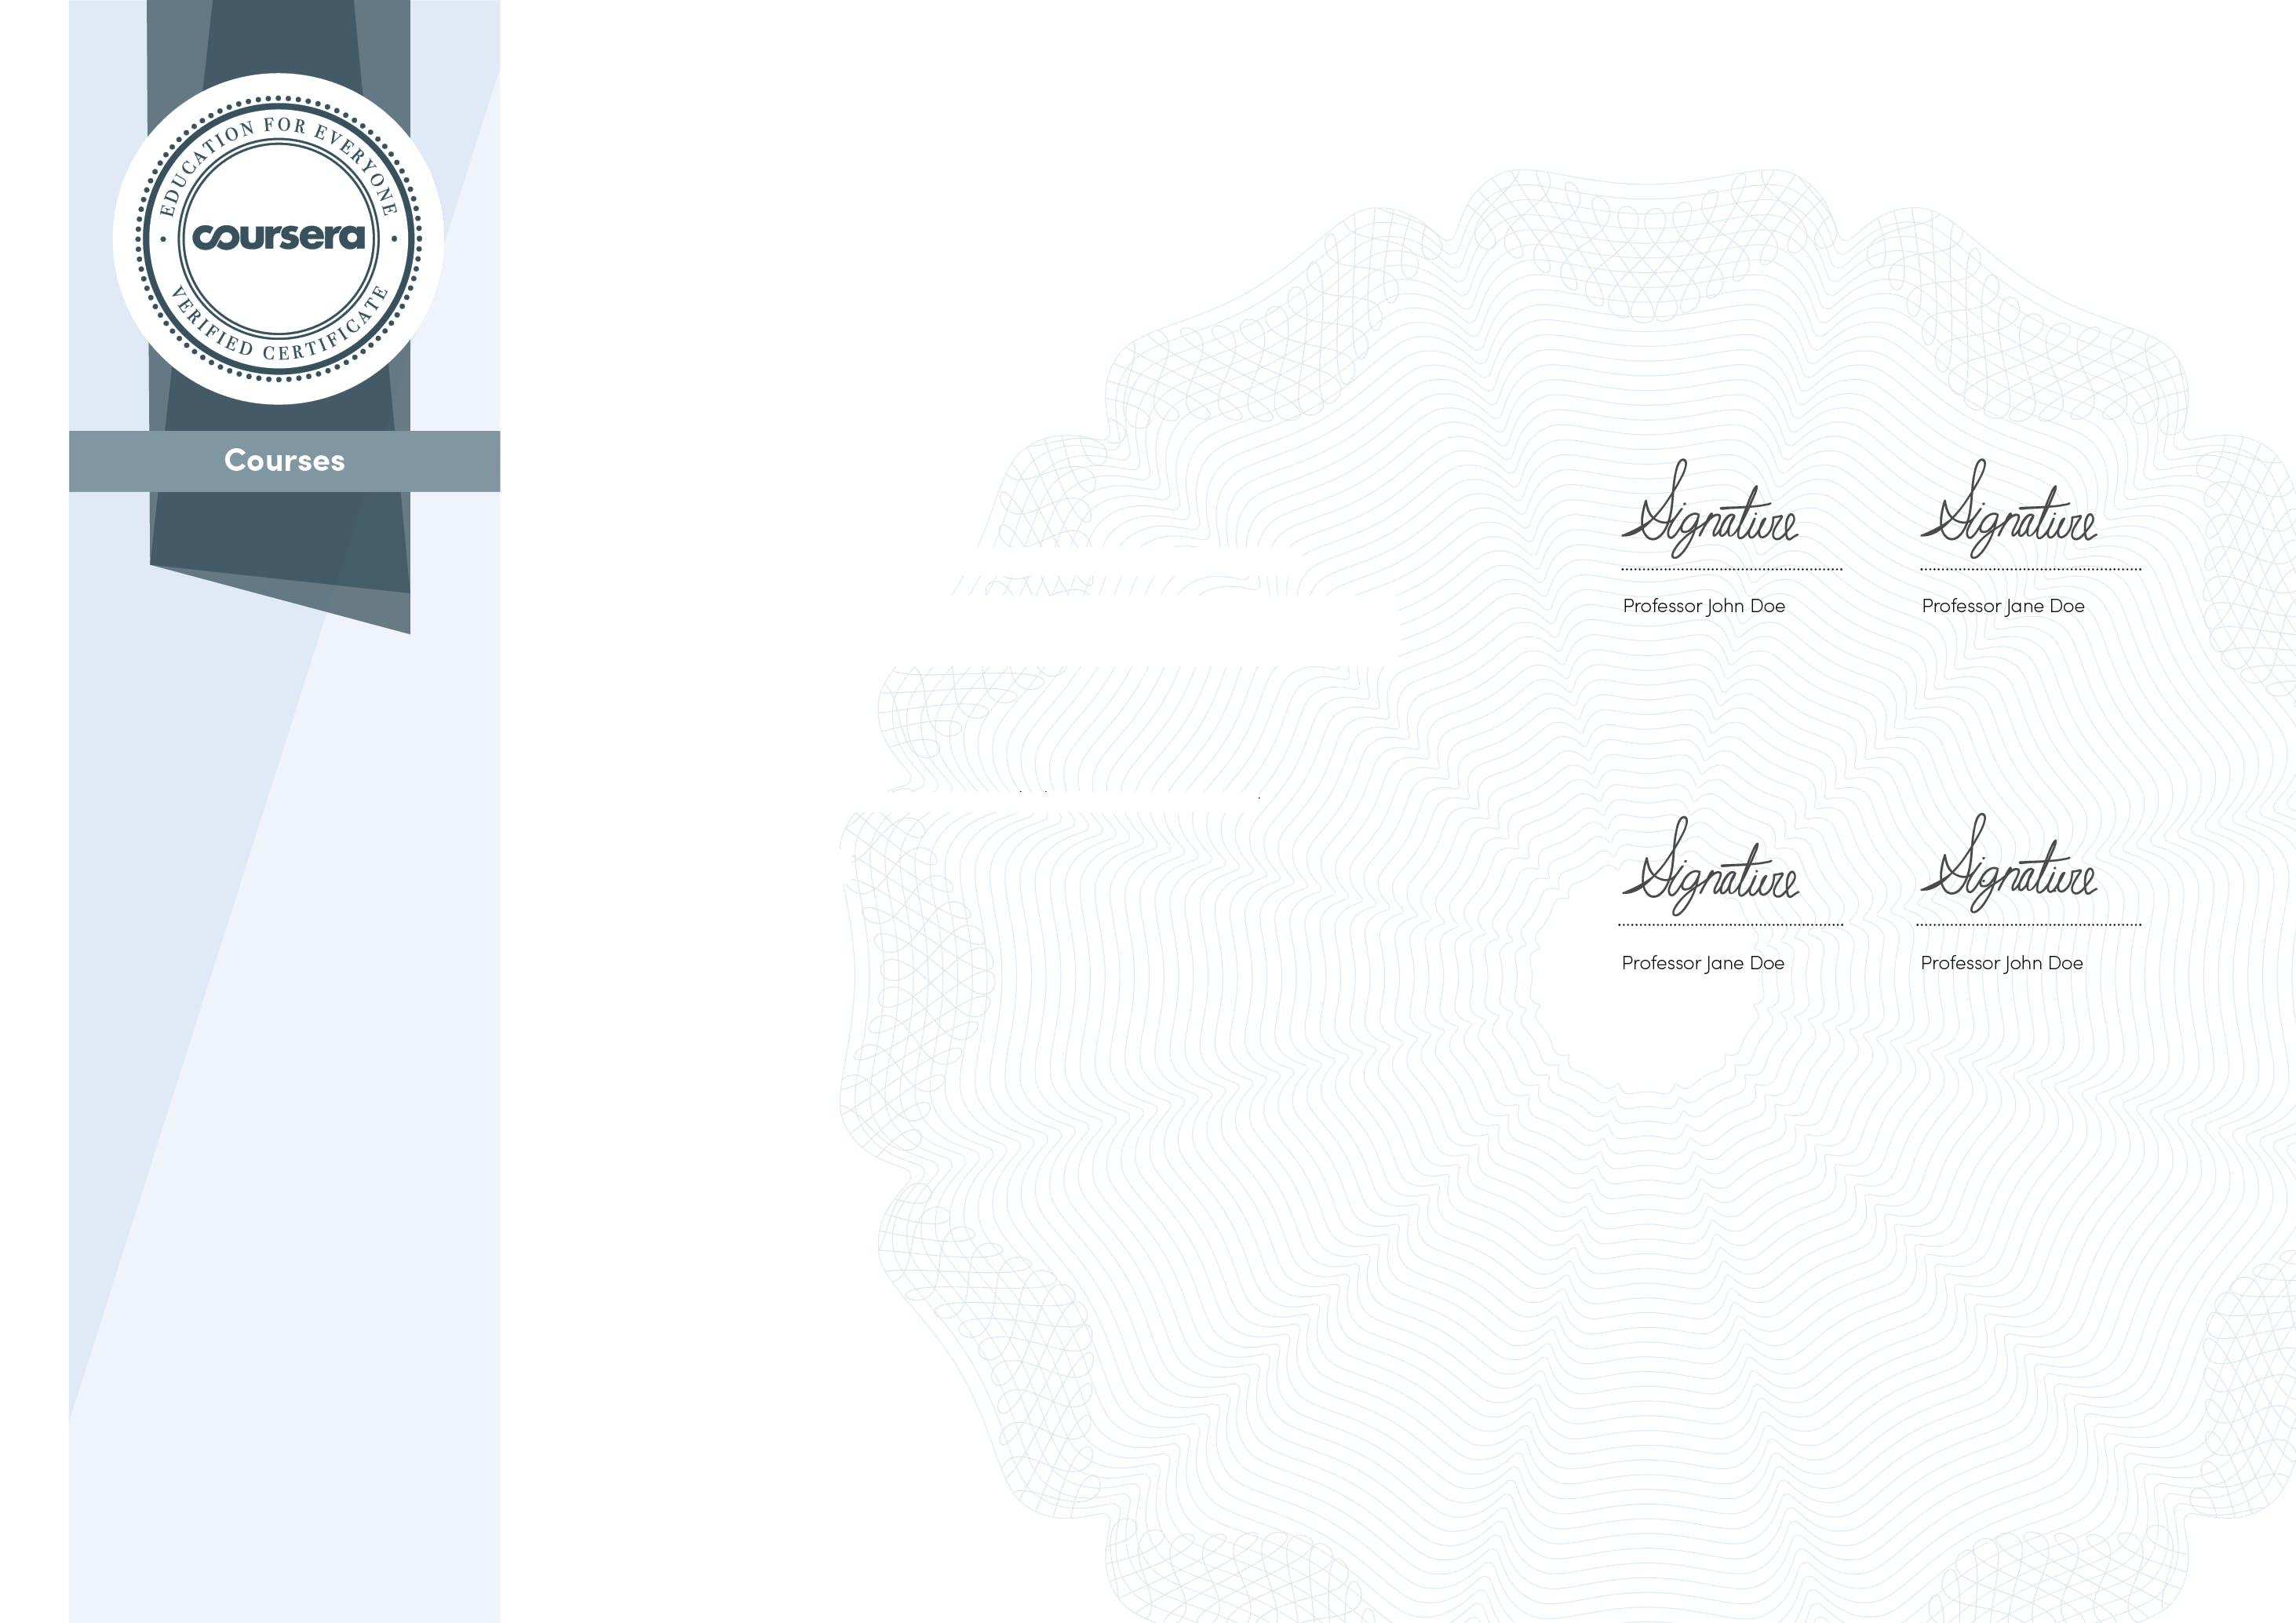 Specialization certificate